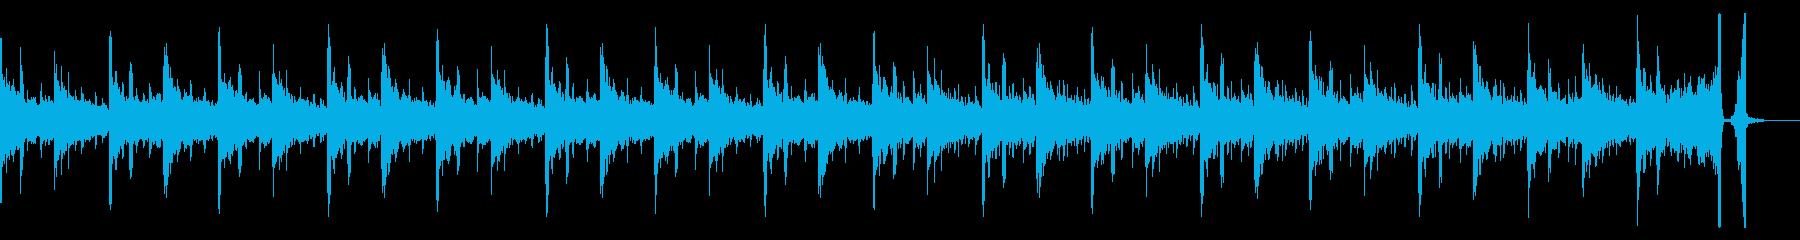 優しい緊張感のあるBGMの再生済みの波形